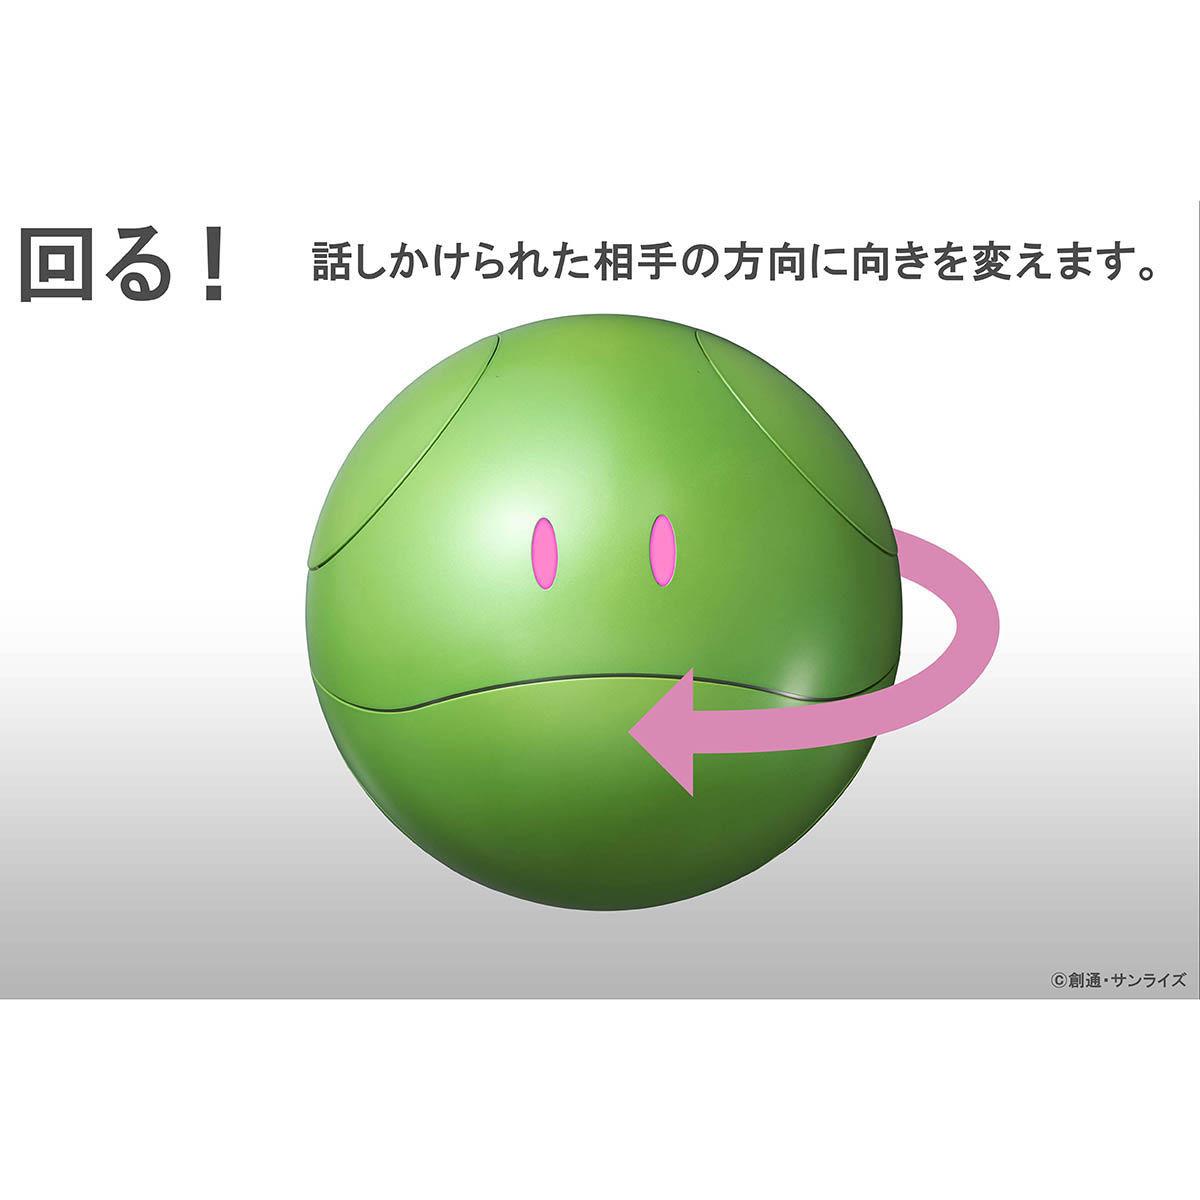 機動戦士ガンダム『ガンシェルジュ ハロ』コミュニケーションロボット-003